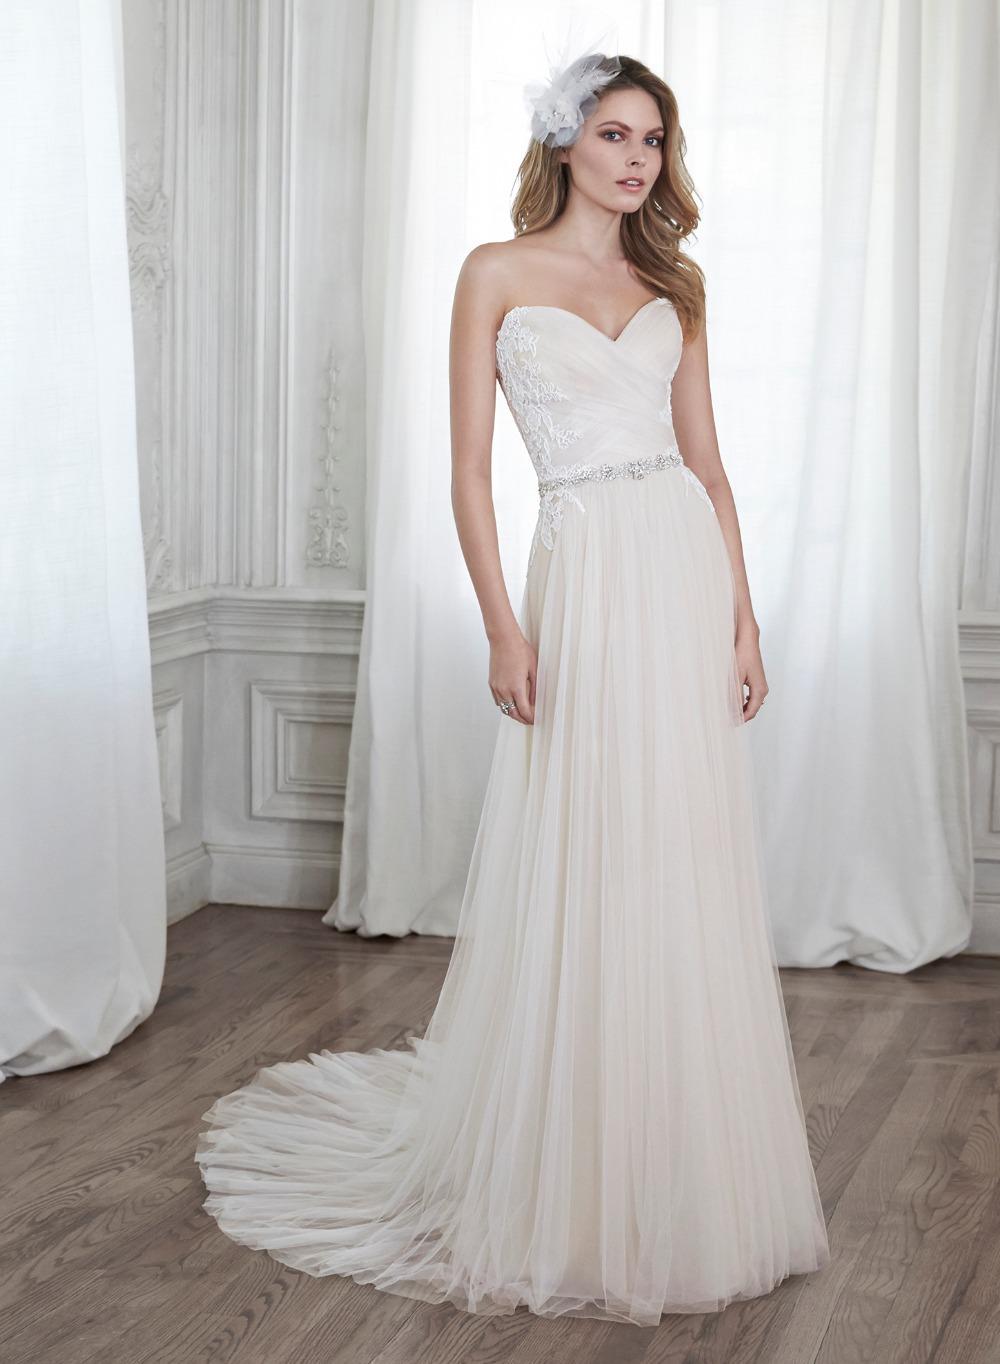 HotChina2015The Latest! Good Quality! White Wedding Dress 2015 Vestido Sweetheart Led Beads Decoration Vestidocustomromanticfash(China (Mainland))